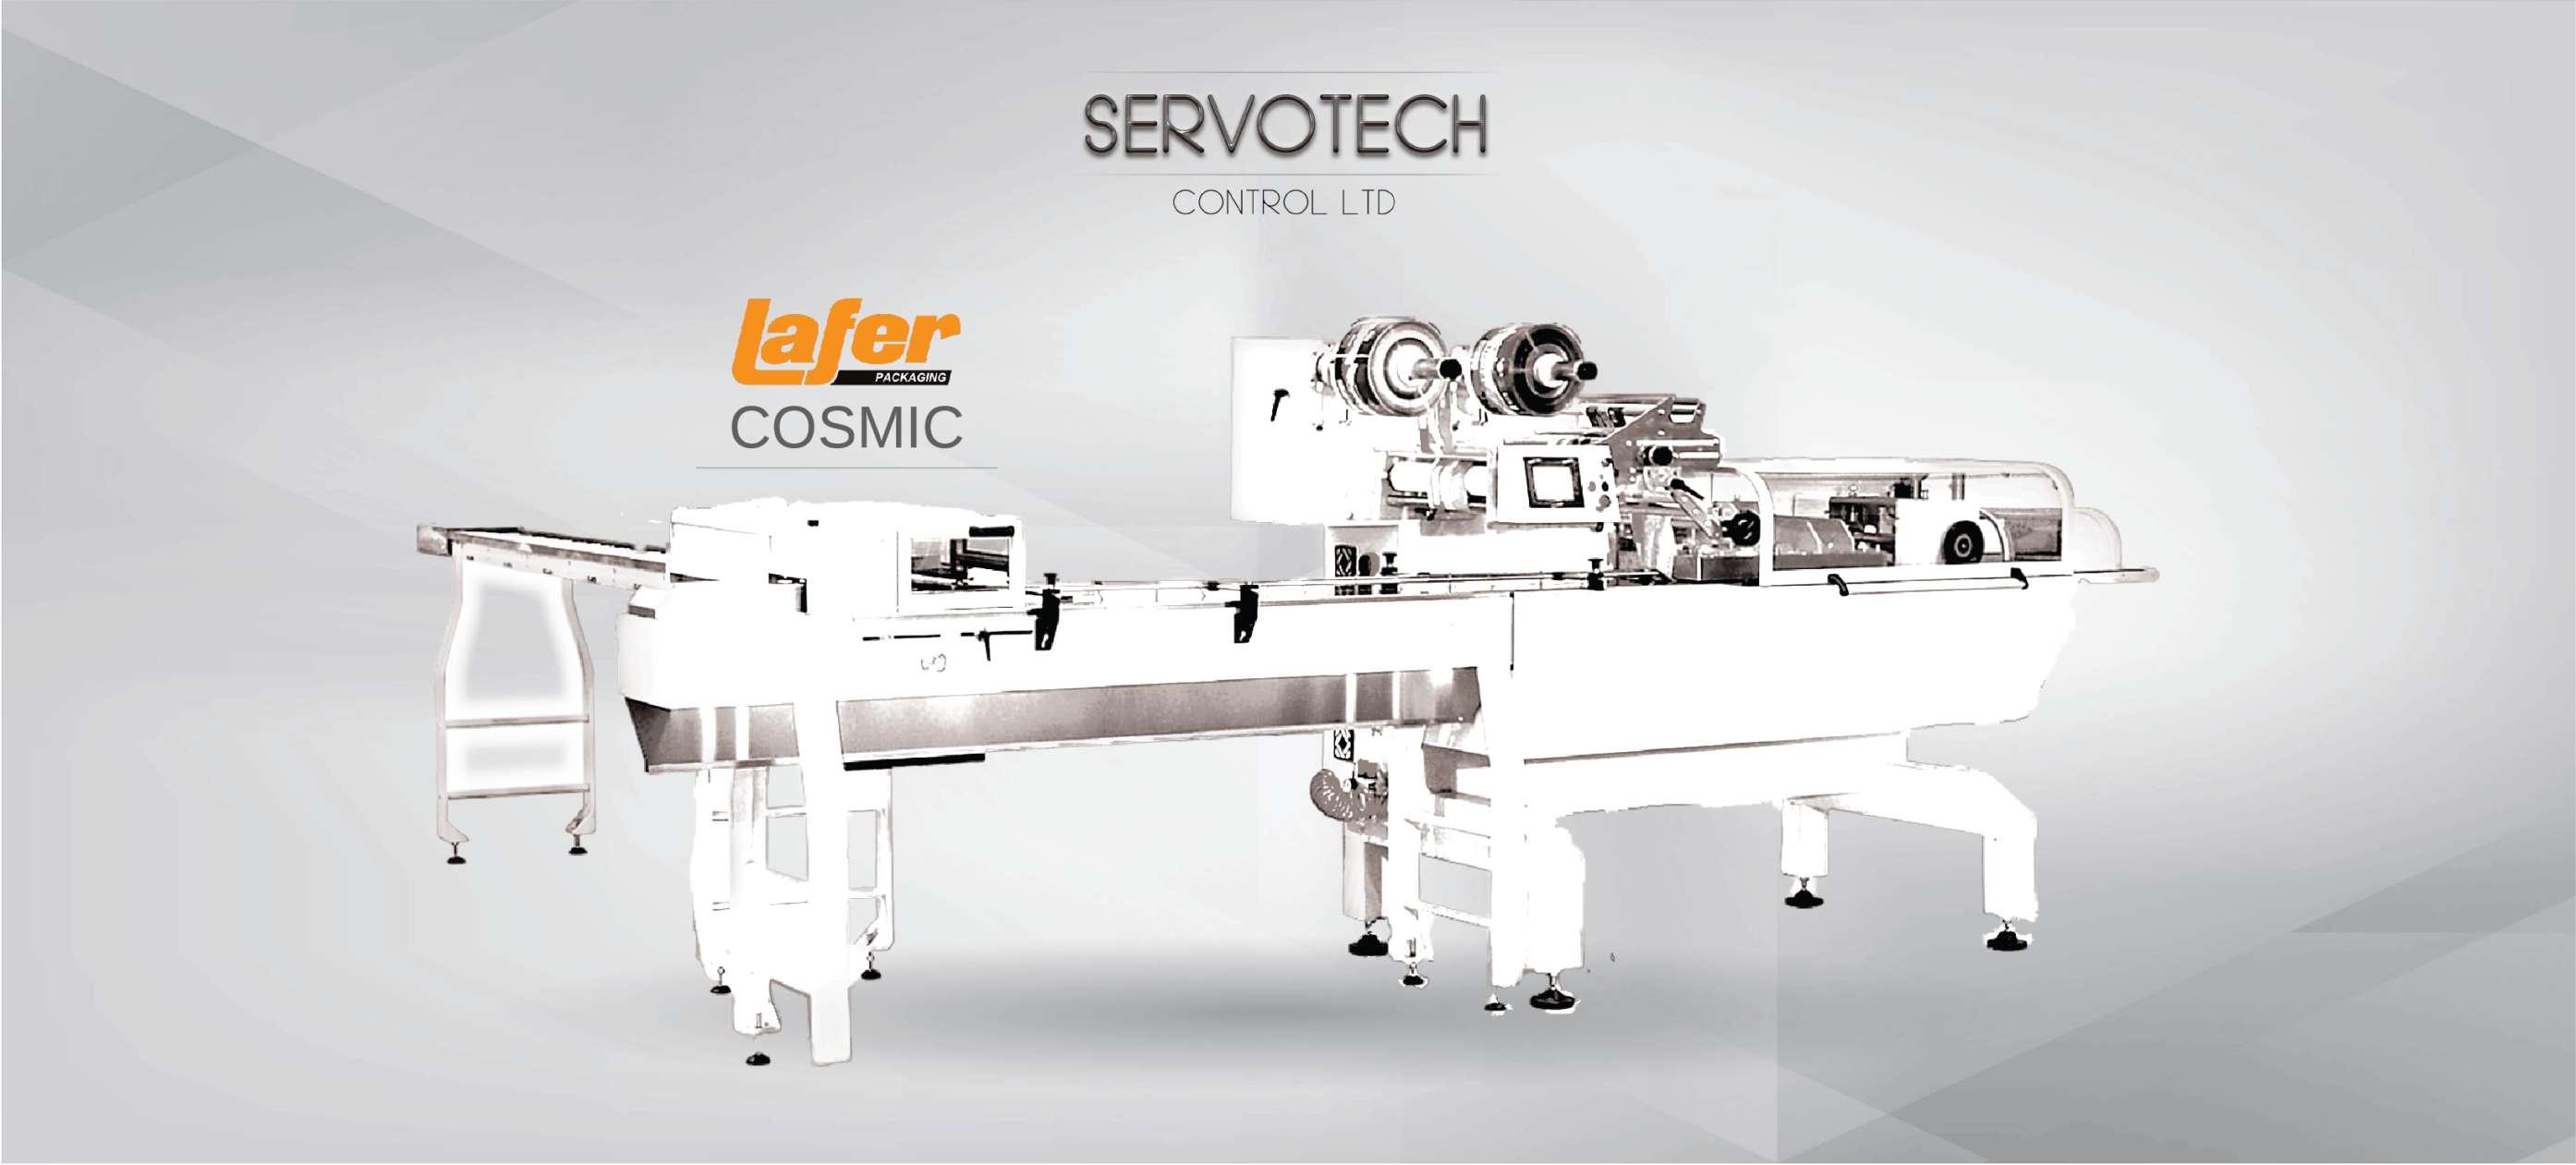 Cosmic_Lafer_Servotech_israel_Sketch